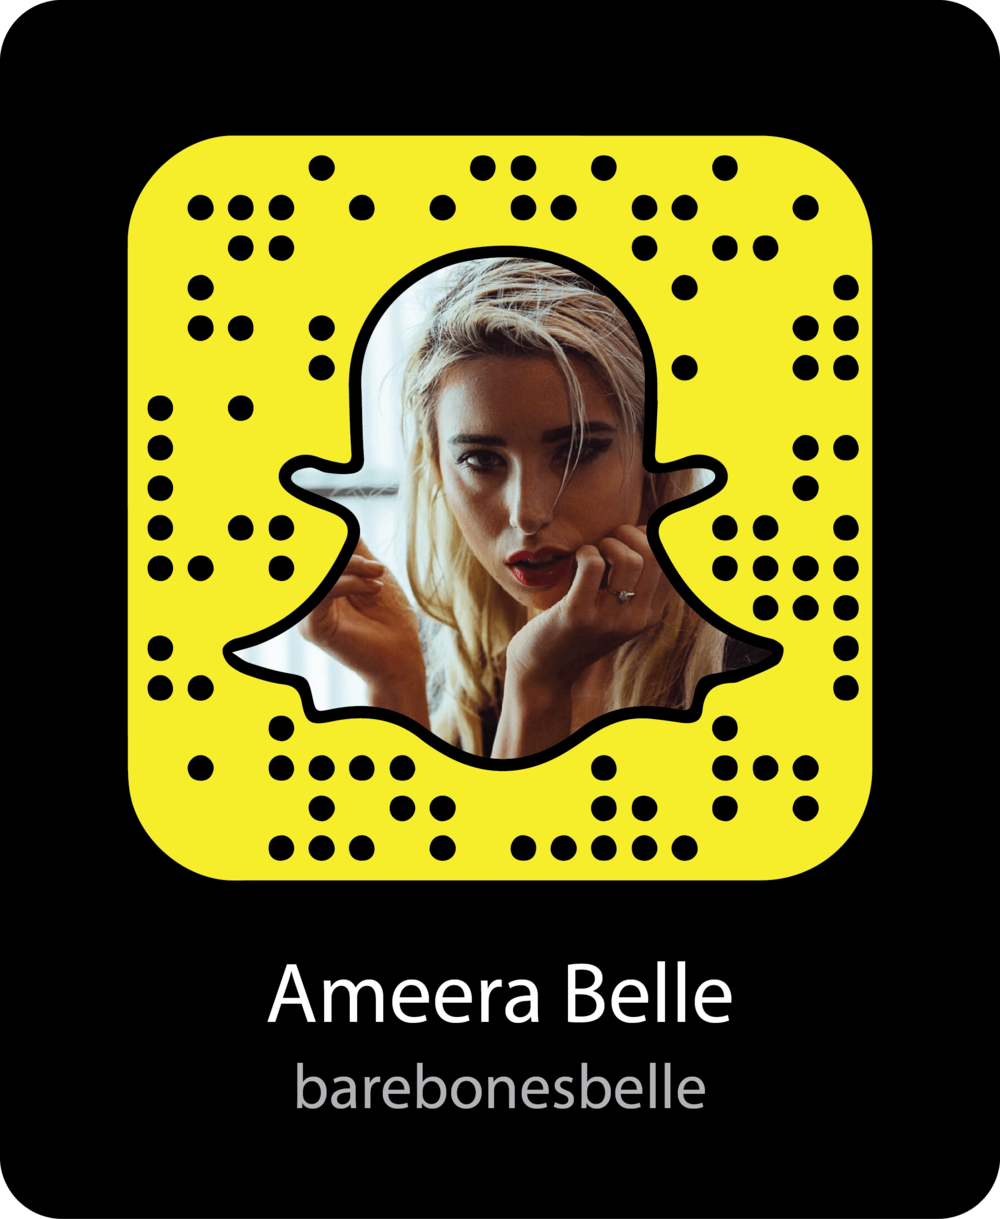 ameera-belle-storytellers-snapchat-snapcode